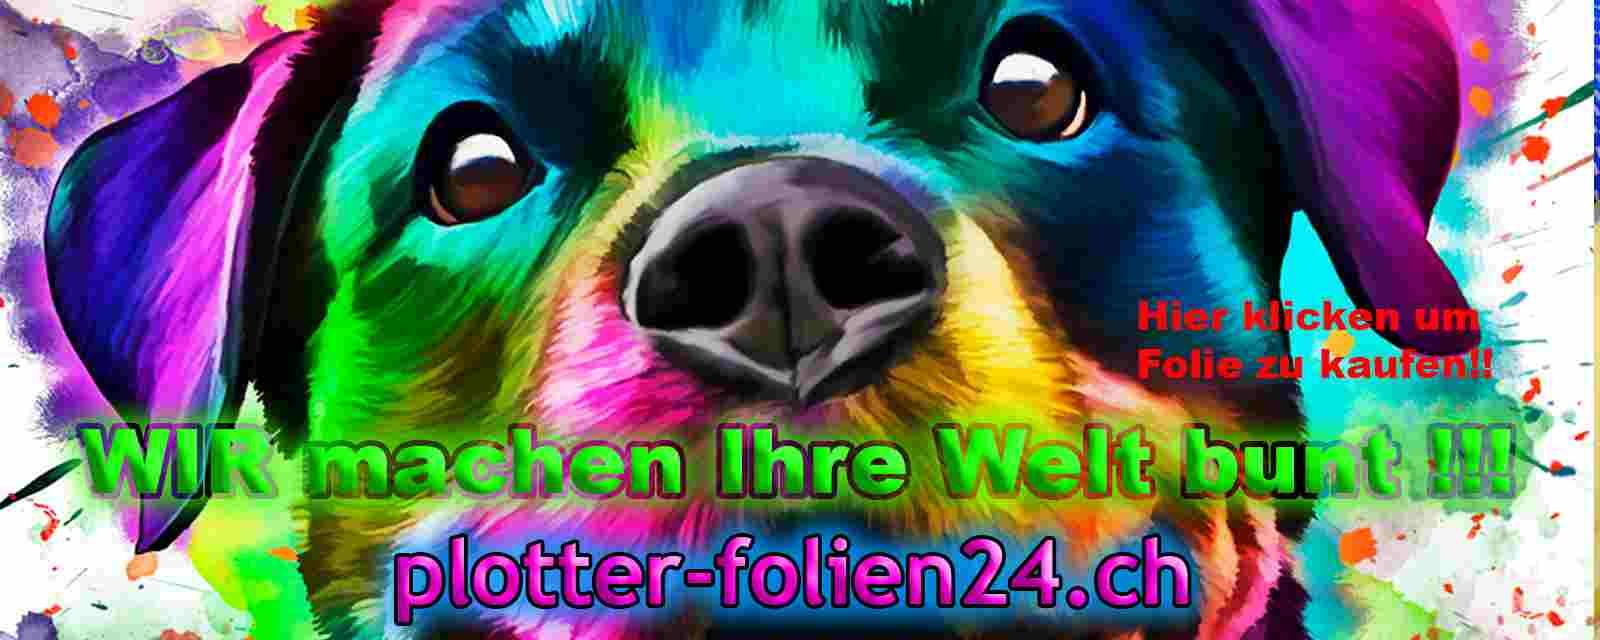 www.plotter-folien24.ch